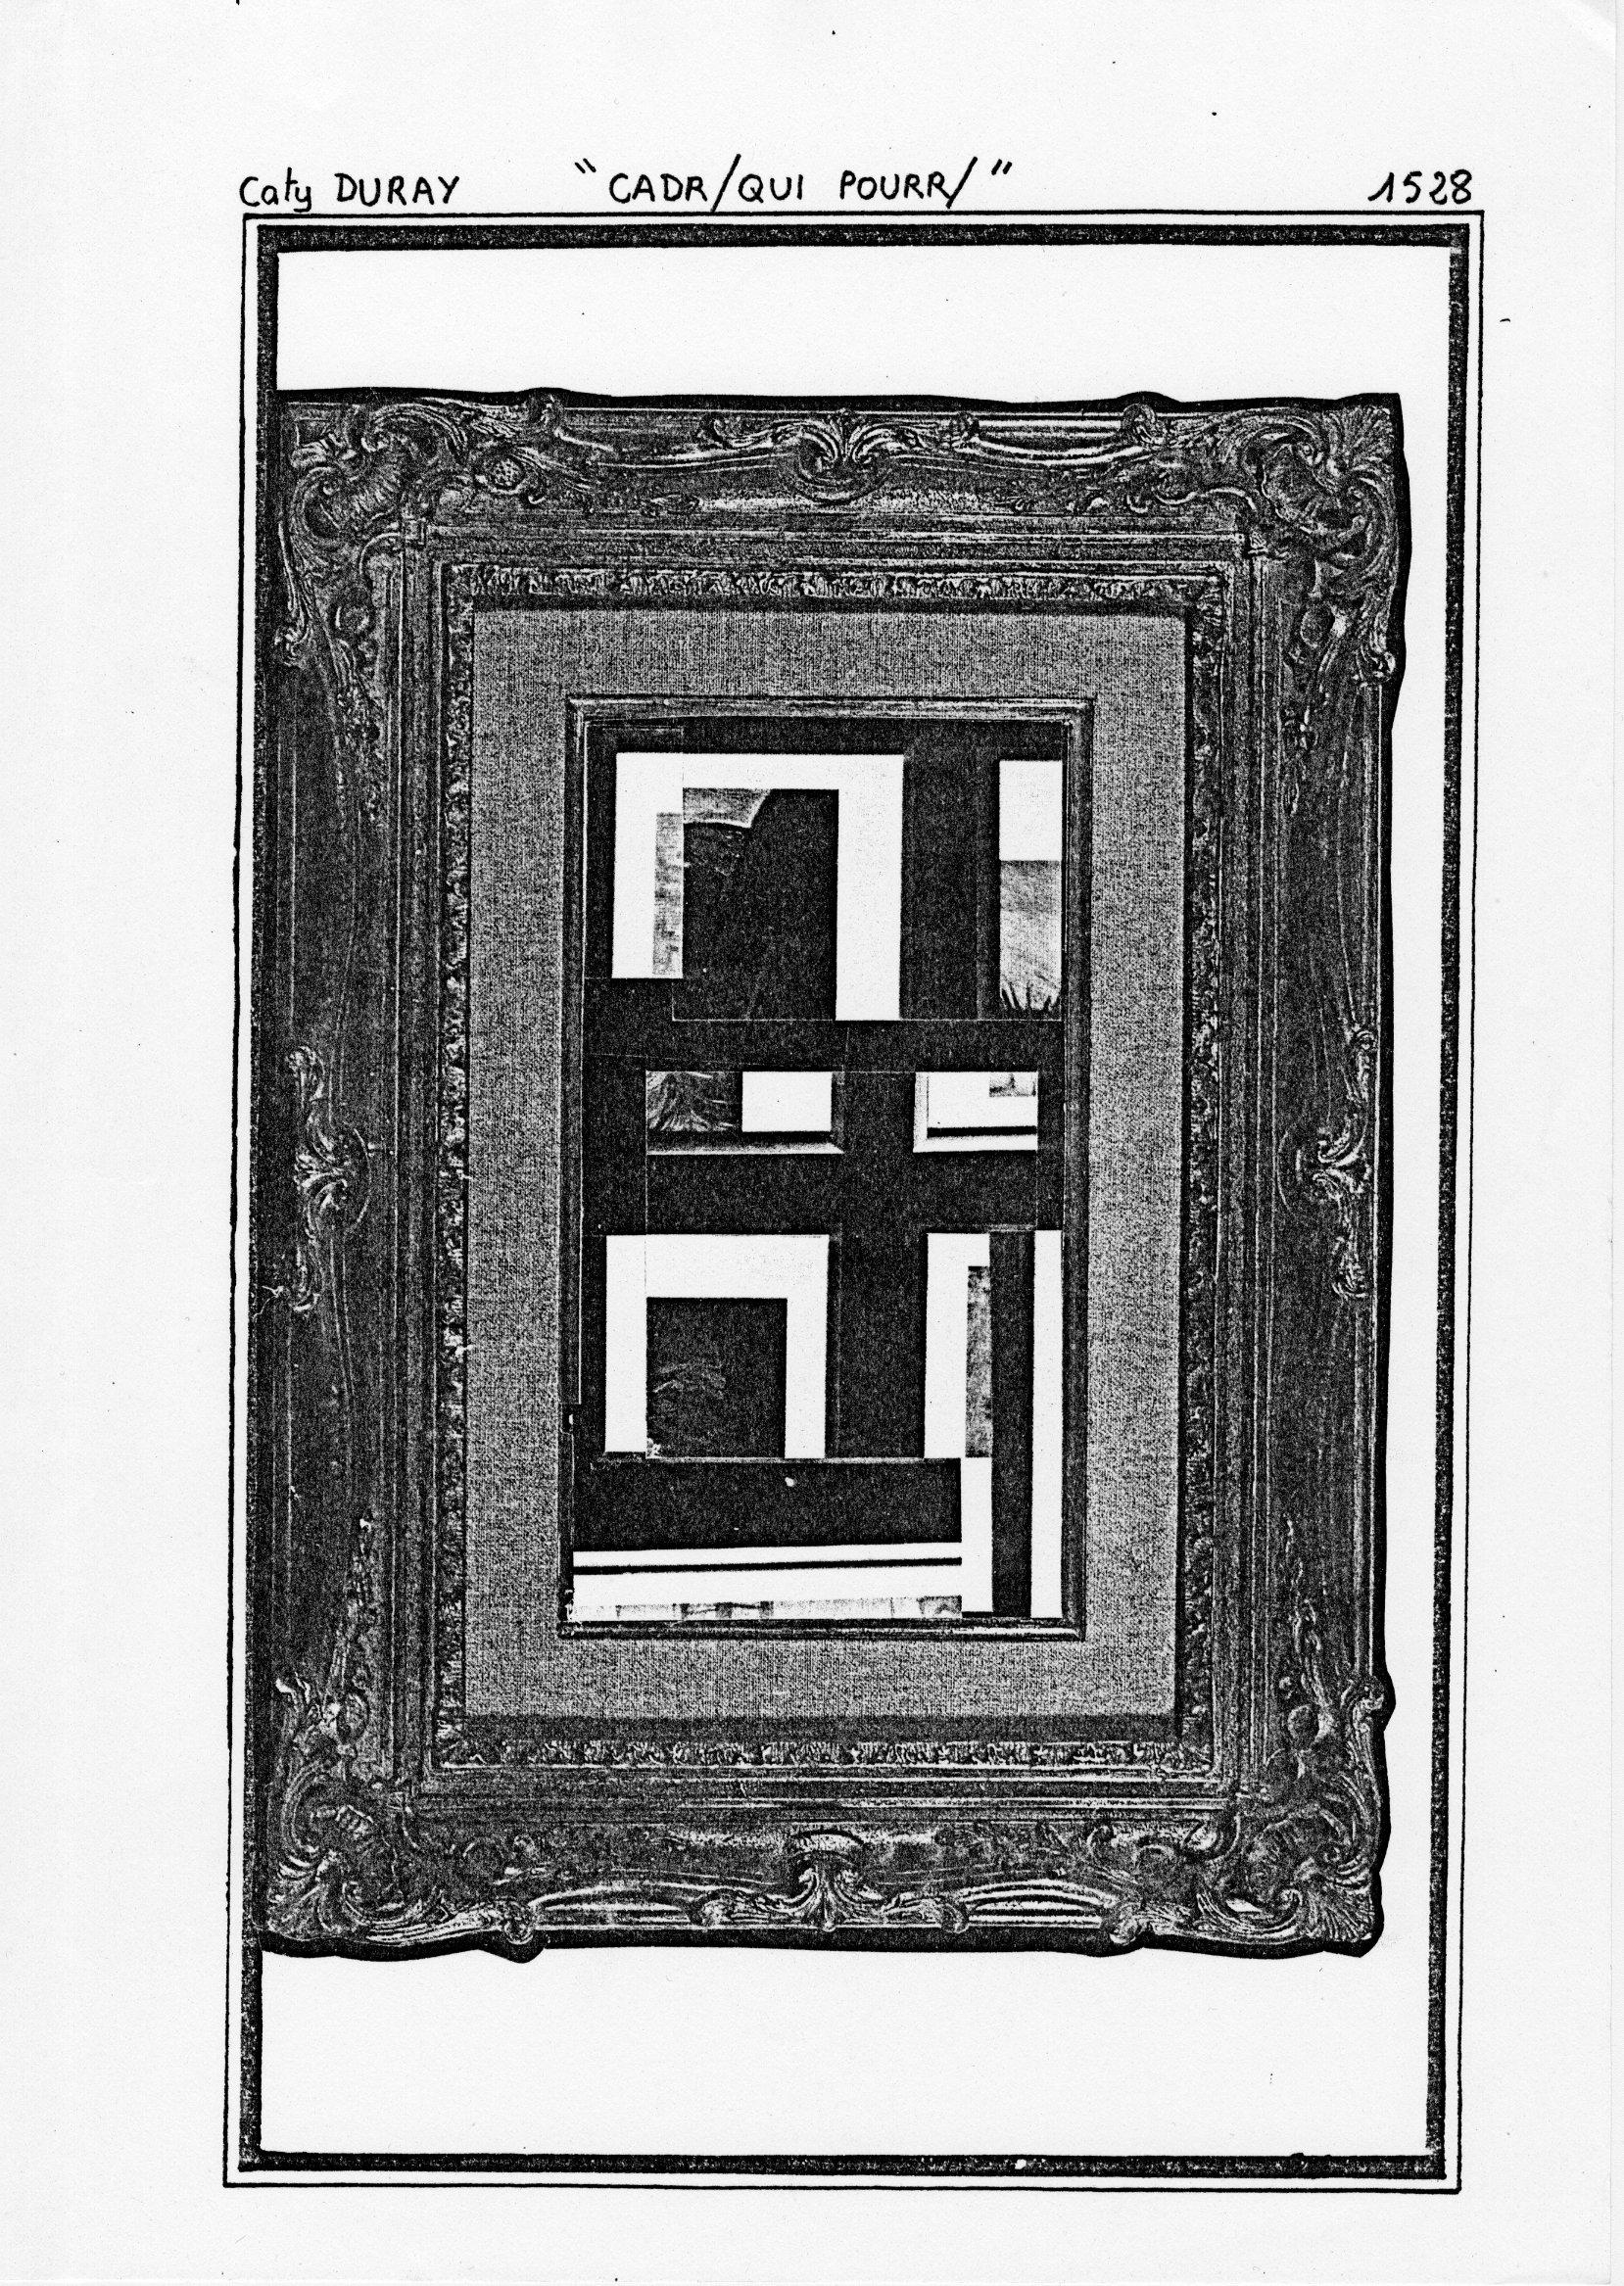 page 1528 C. Duray CADR QUI POURR